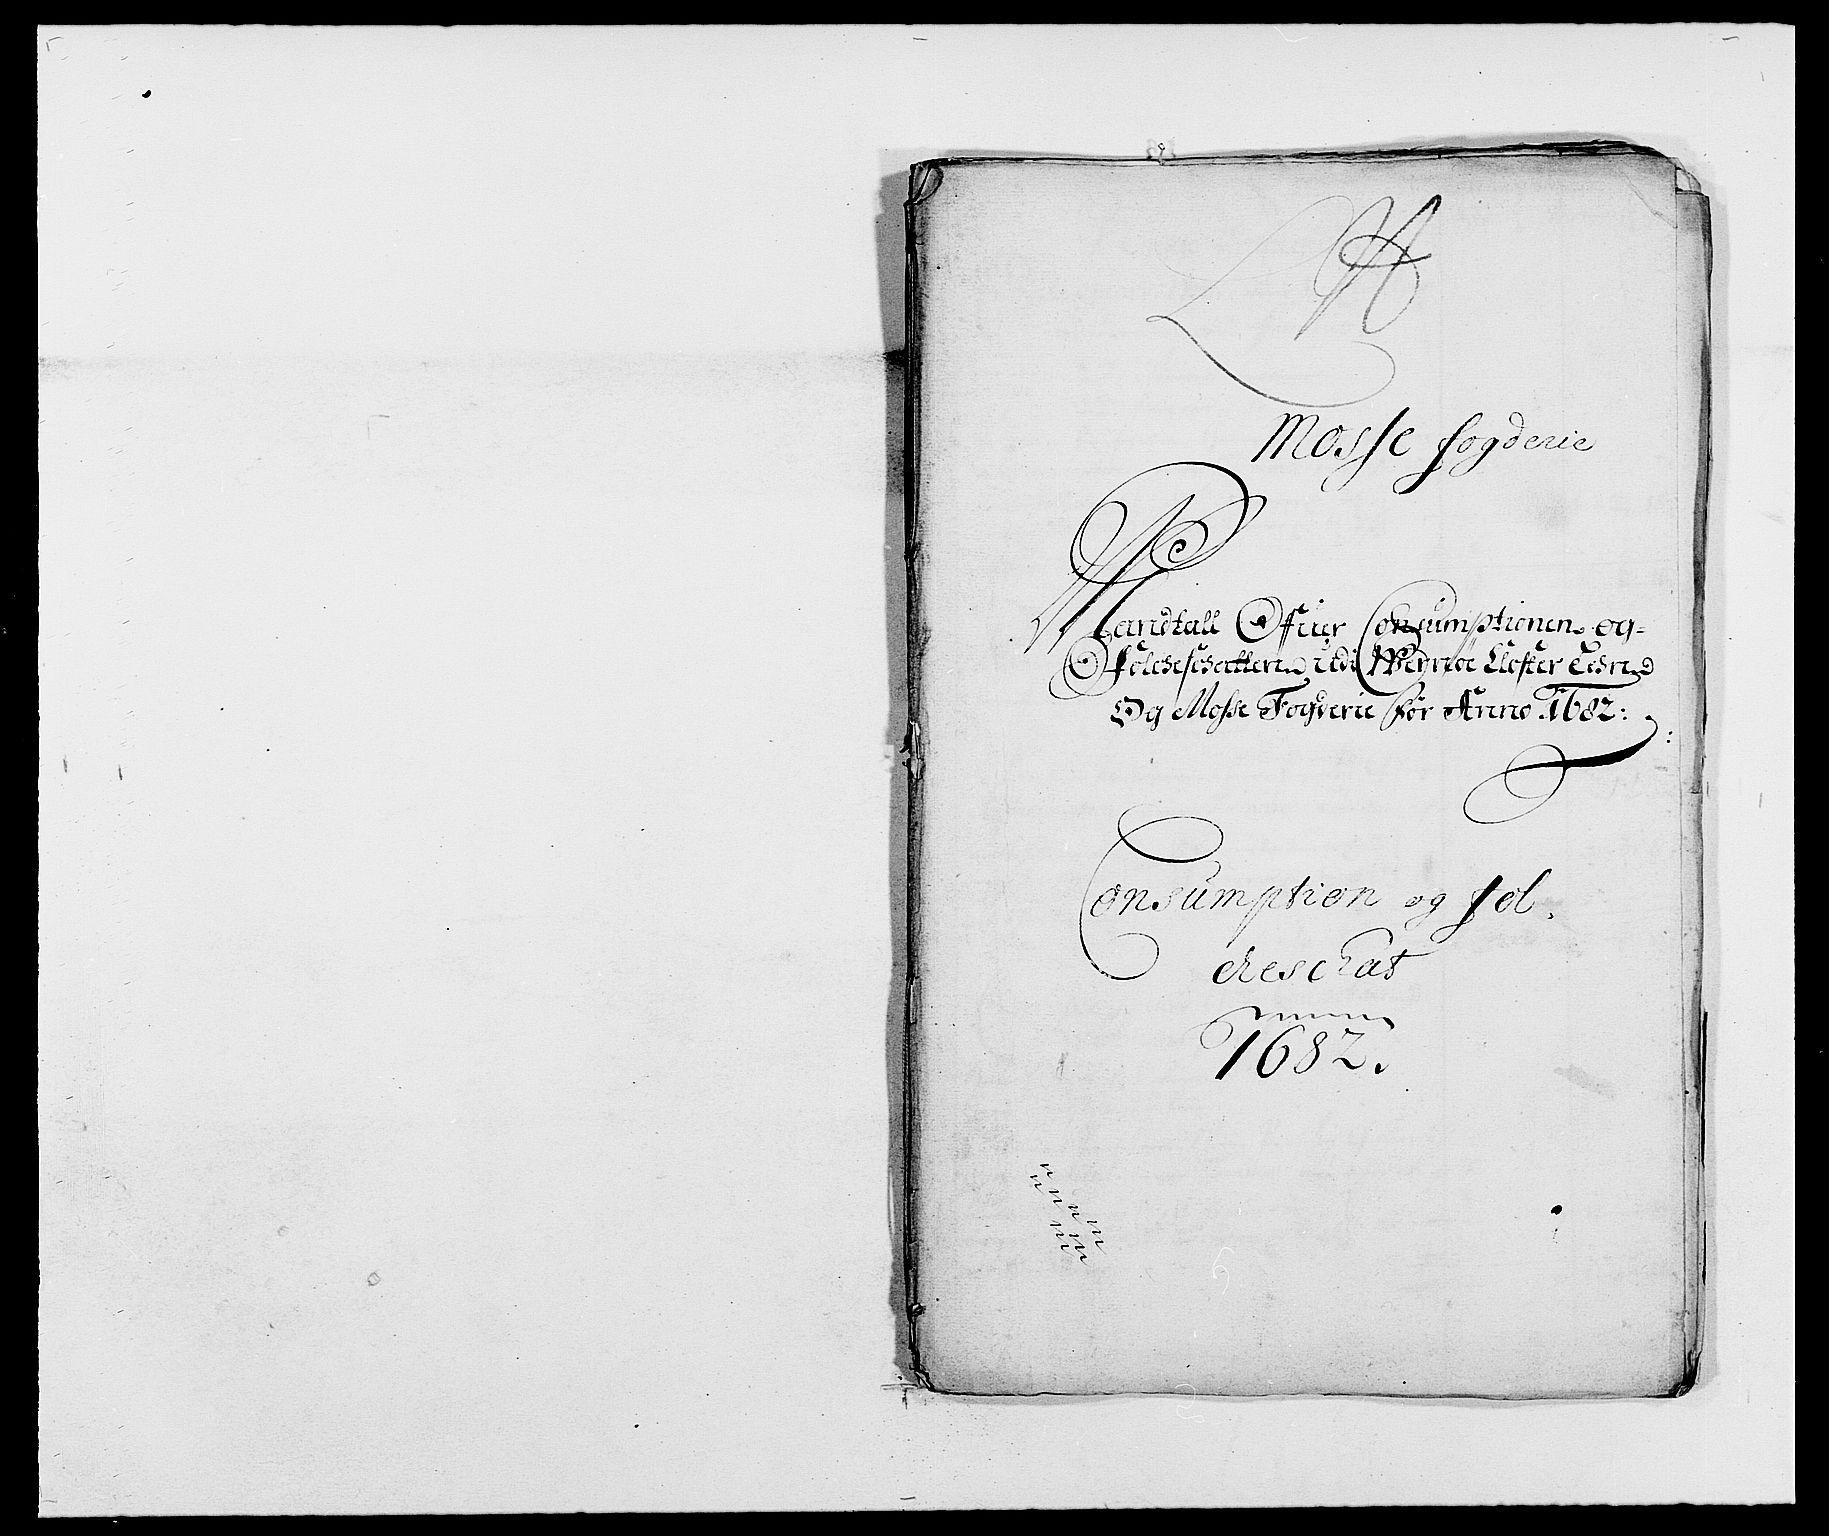 RA, Rentekammeret inntil 1814, Reviderte regnskaper, Fogderegnskap, R02/L0103: Fogderegnskap Moss og Verne kloster, 1682-1684, s. 226